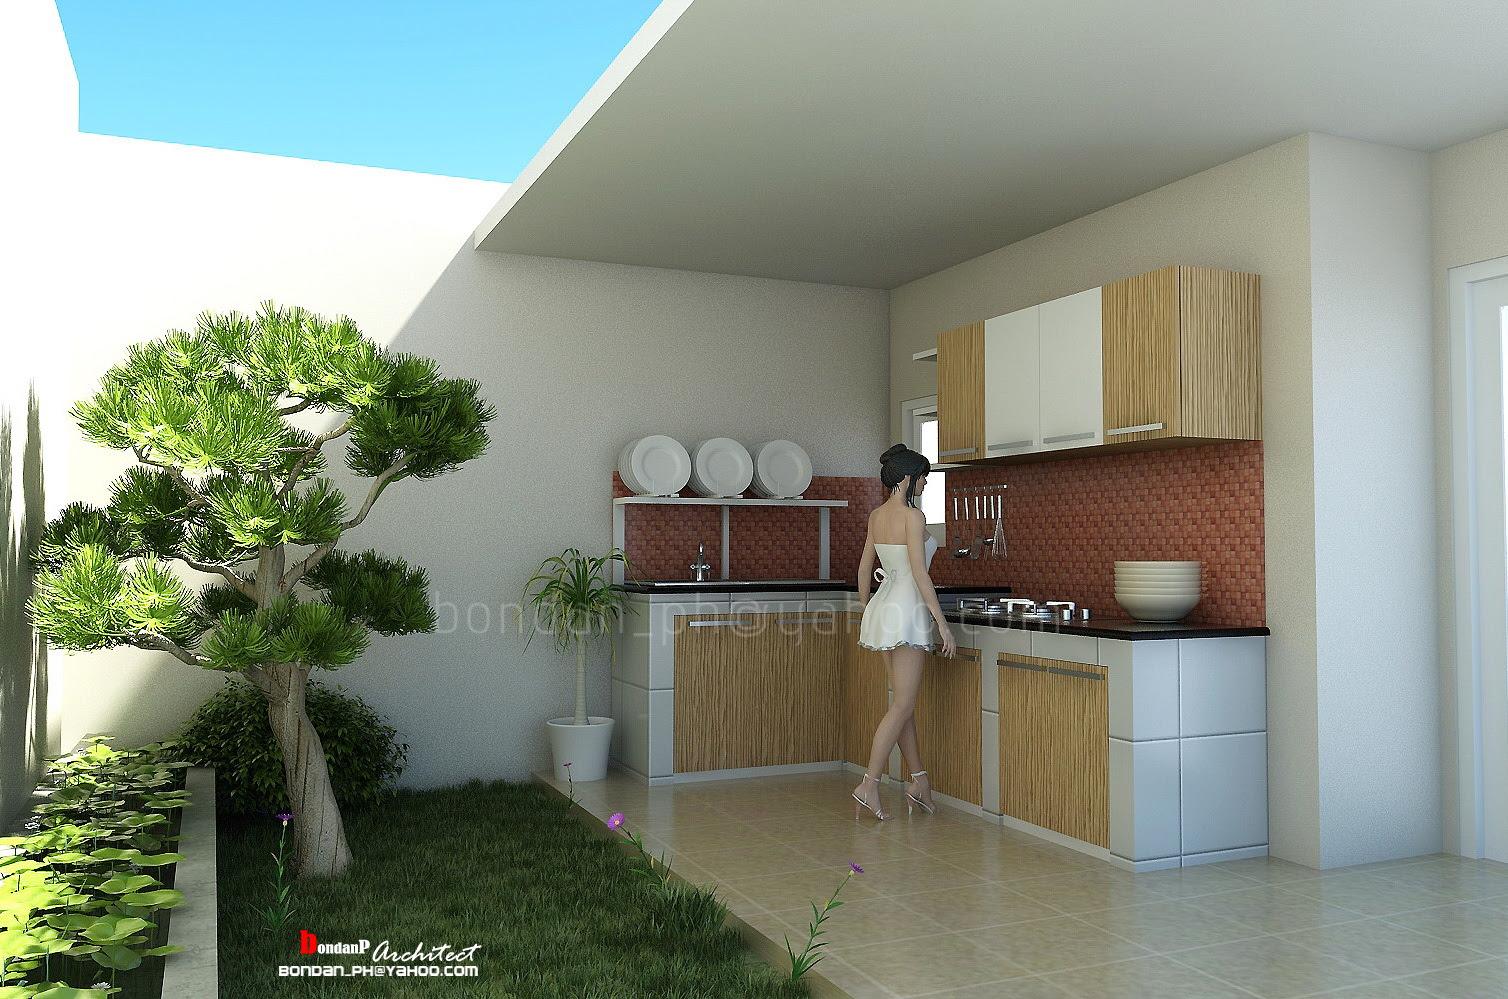 67 Desain Rumah Minimalis Memanjang Ke Belakang Desain